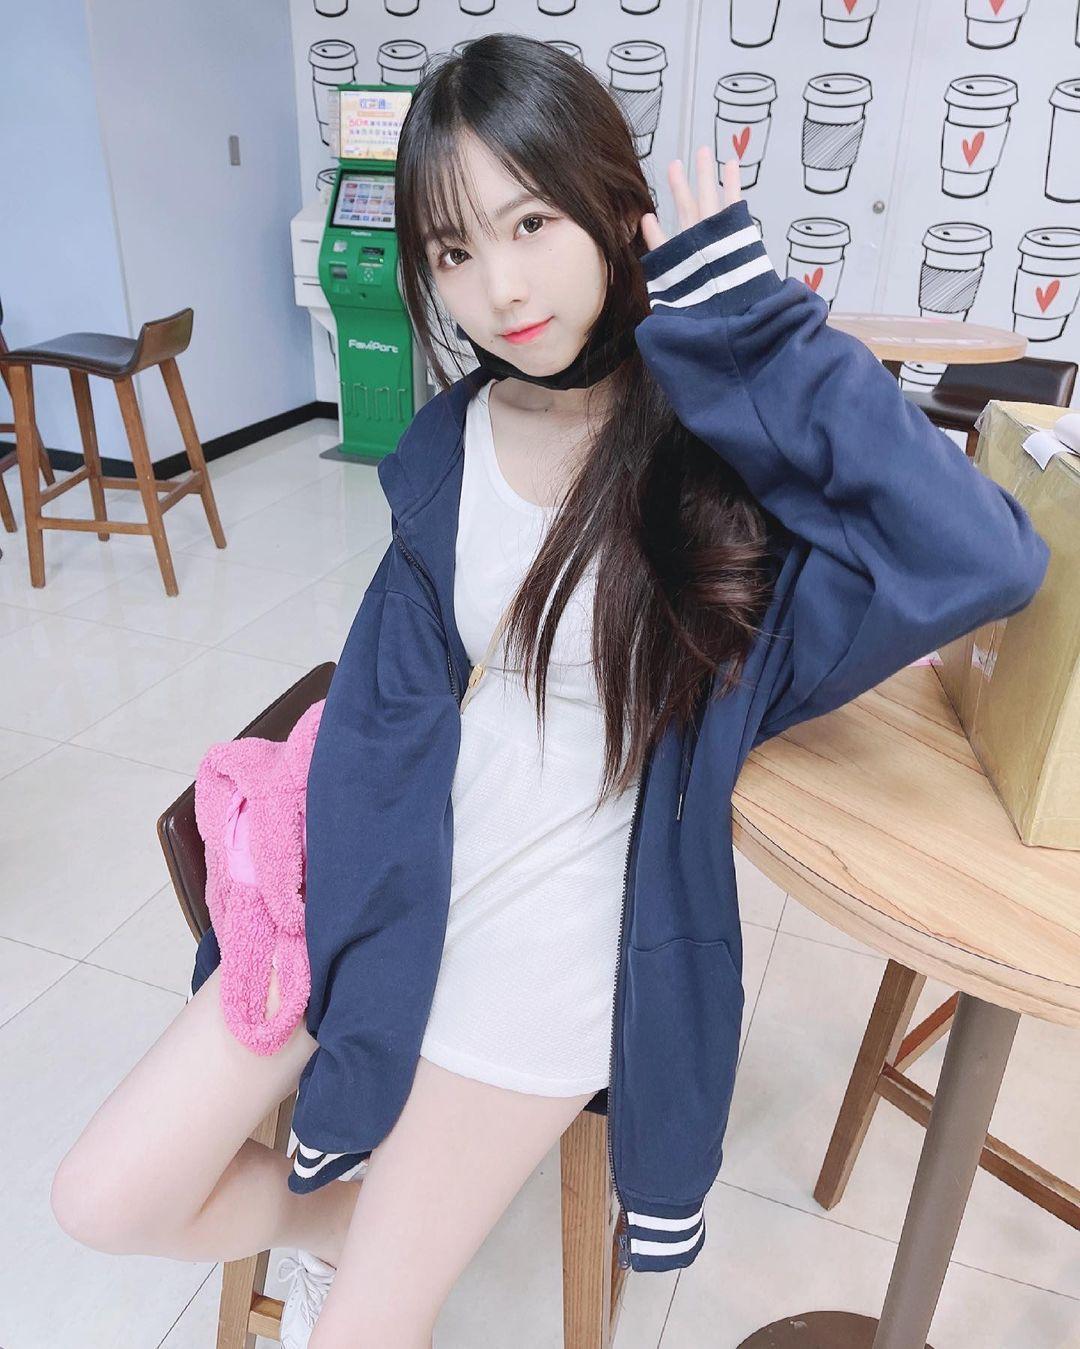 清新可爱的「软萌系美女」赵兔兔,性感旗袍小露,粉丝看到受不了. 养眼图片 第23张